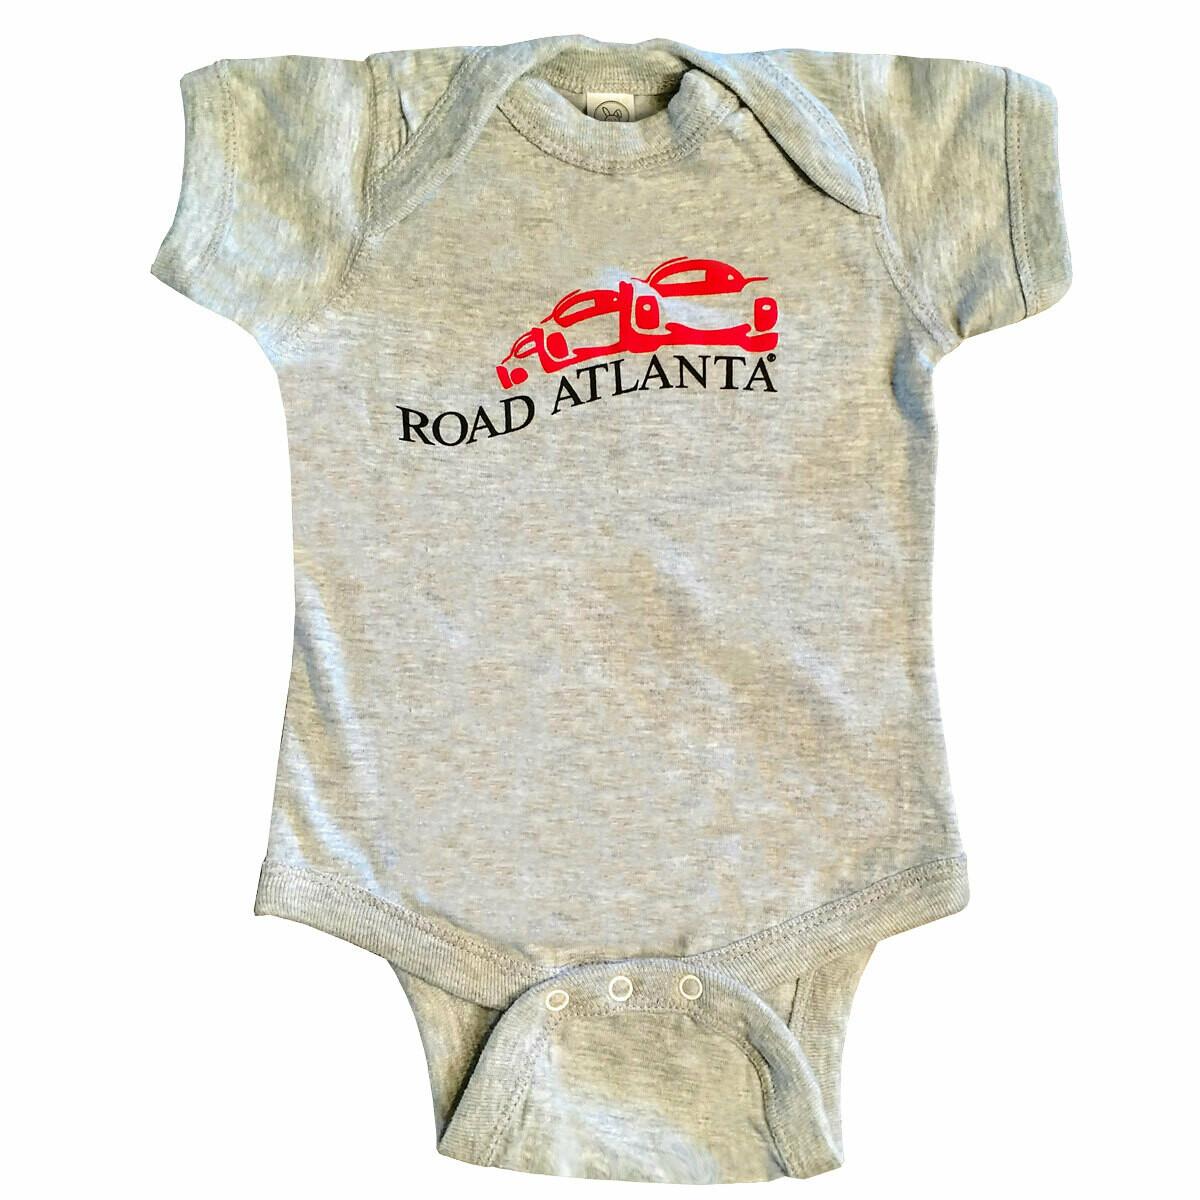 Road Atlanta Vintage Infant Onesie - Grey